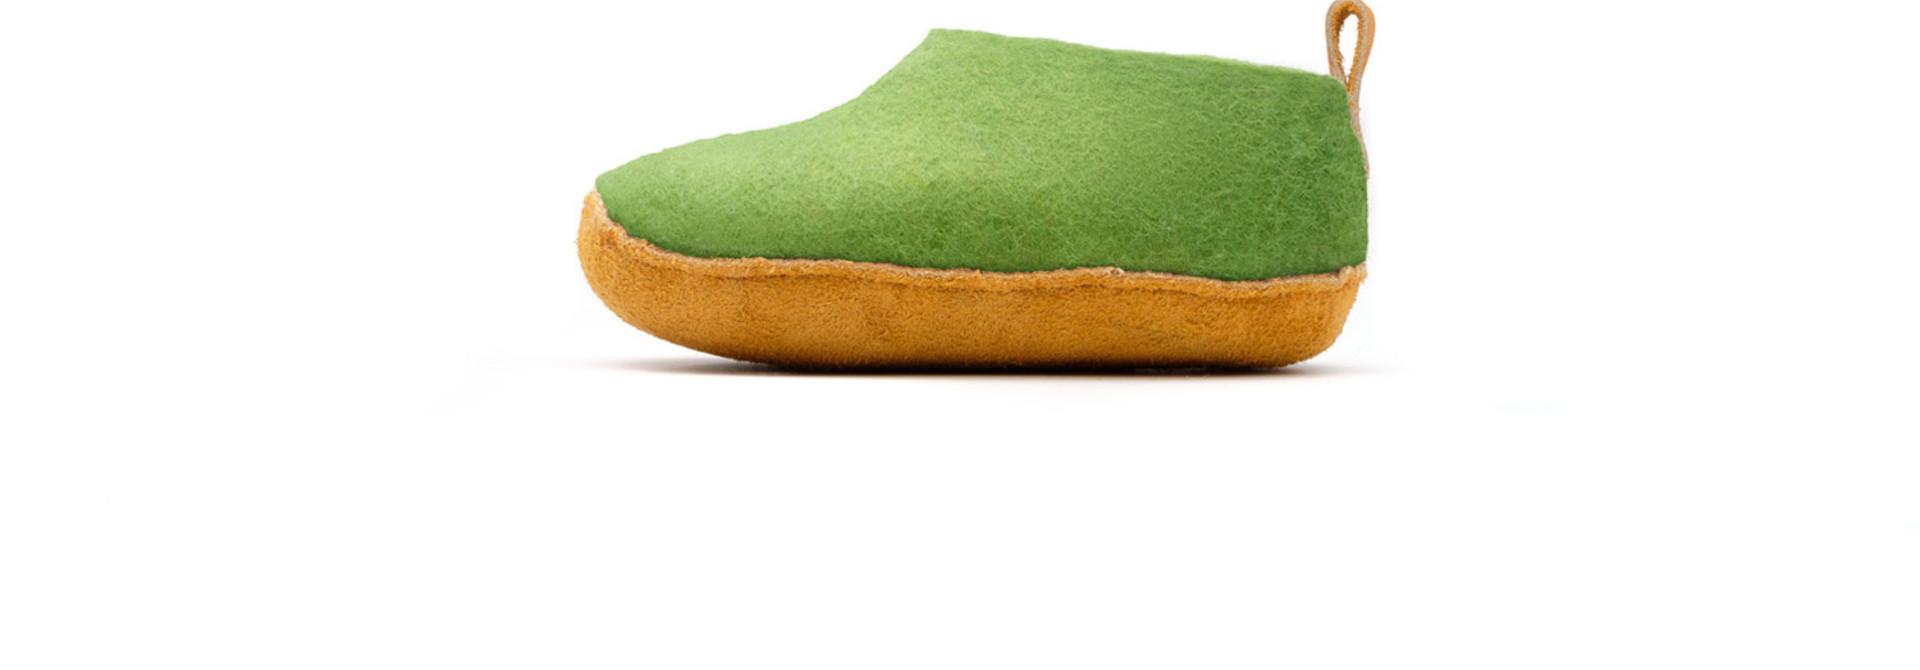 Nauseni Junior Slipper - Green - Sz 25